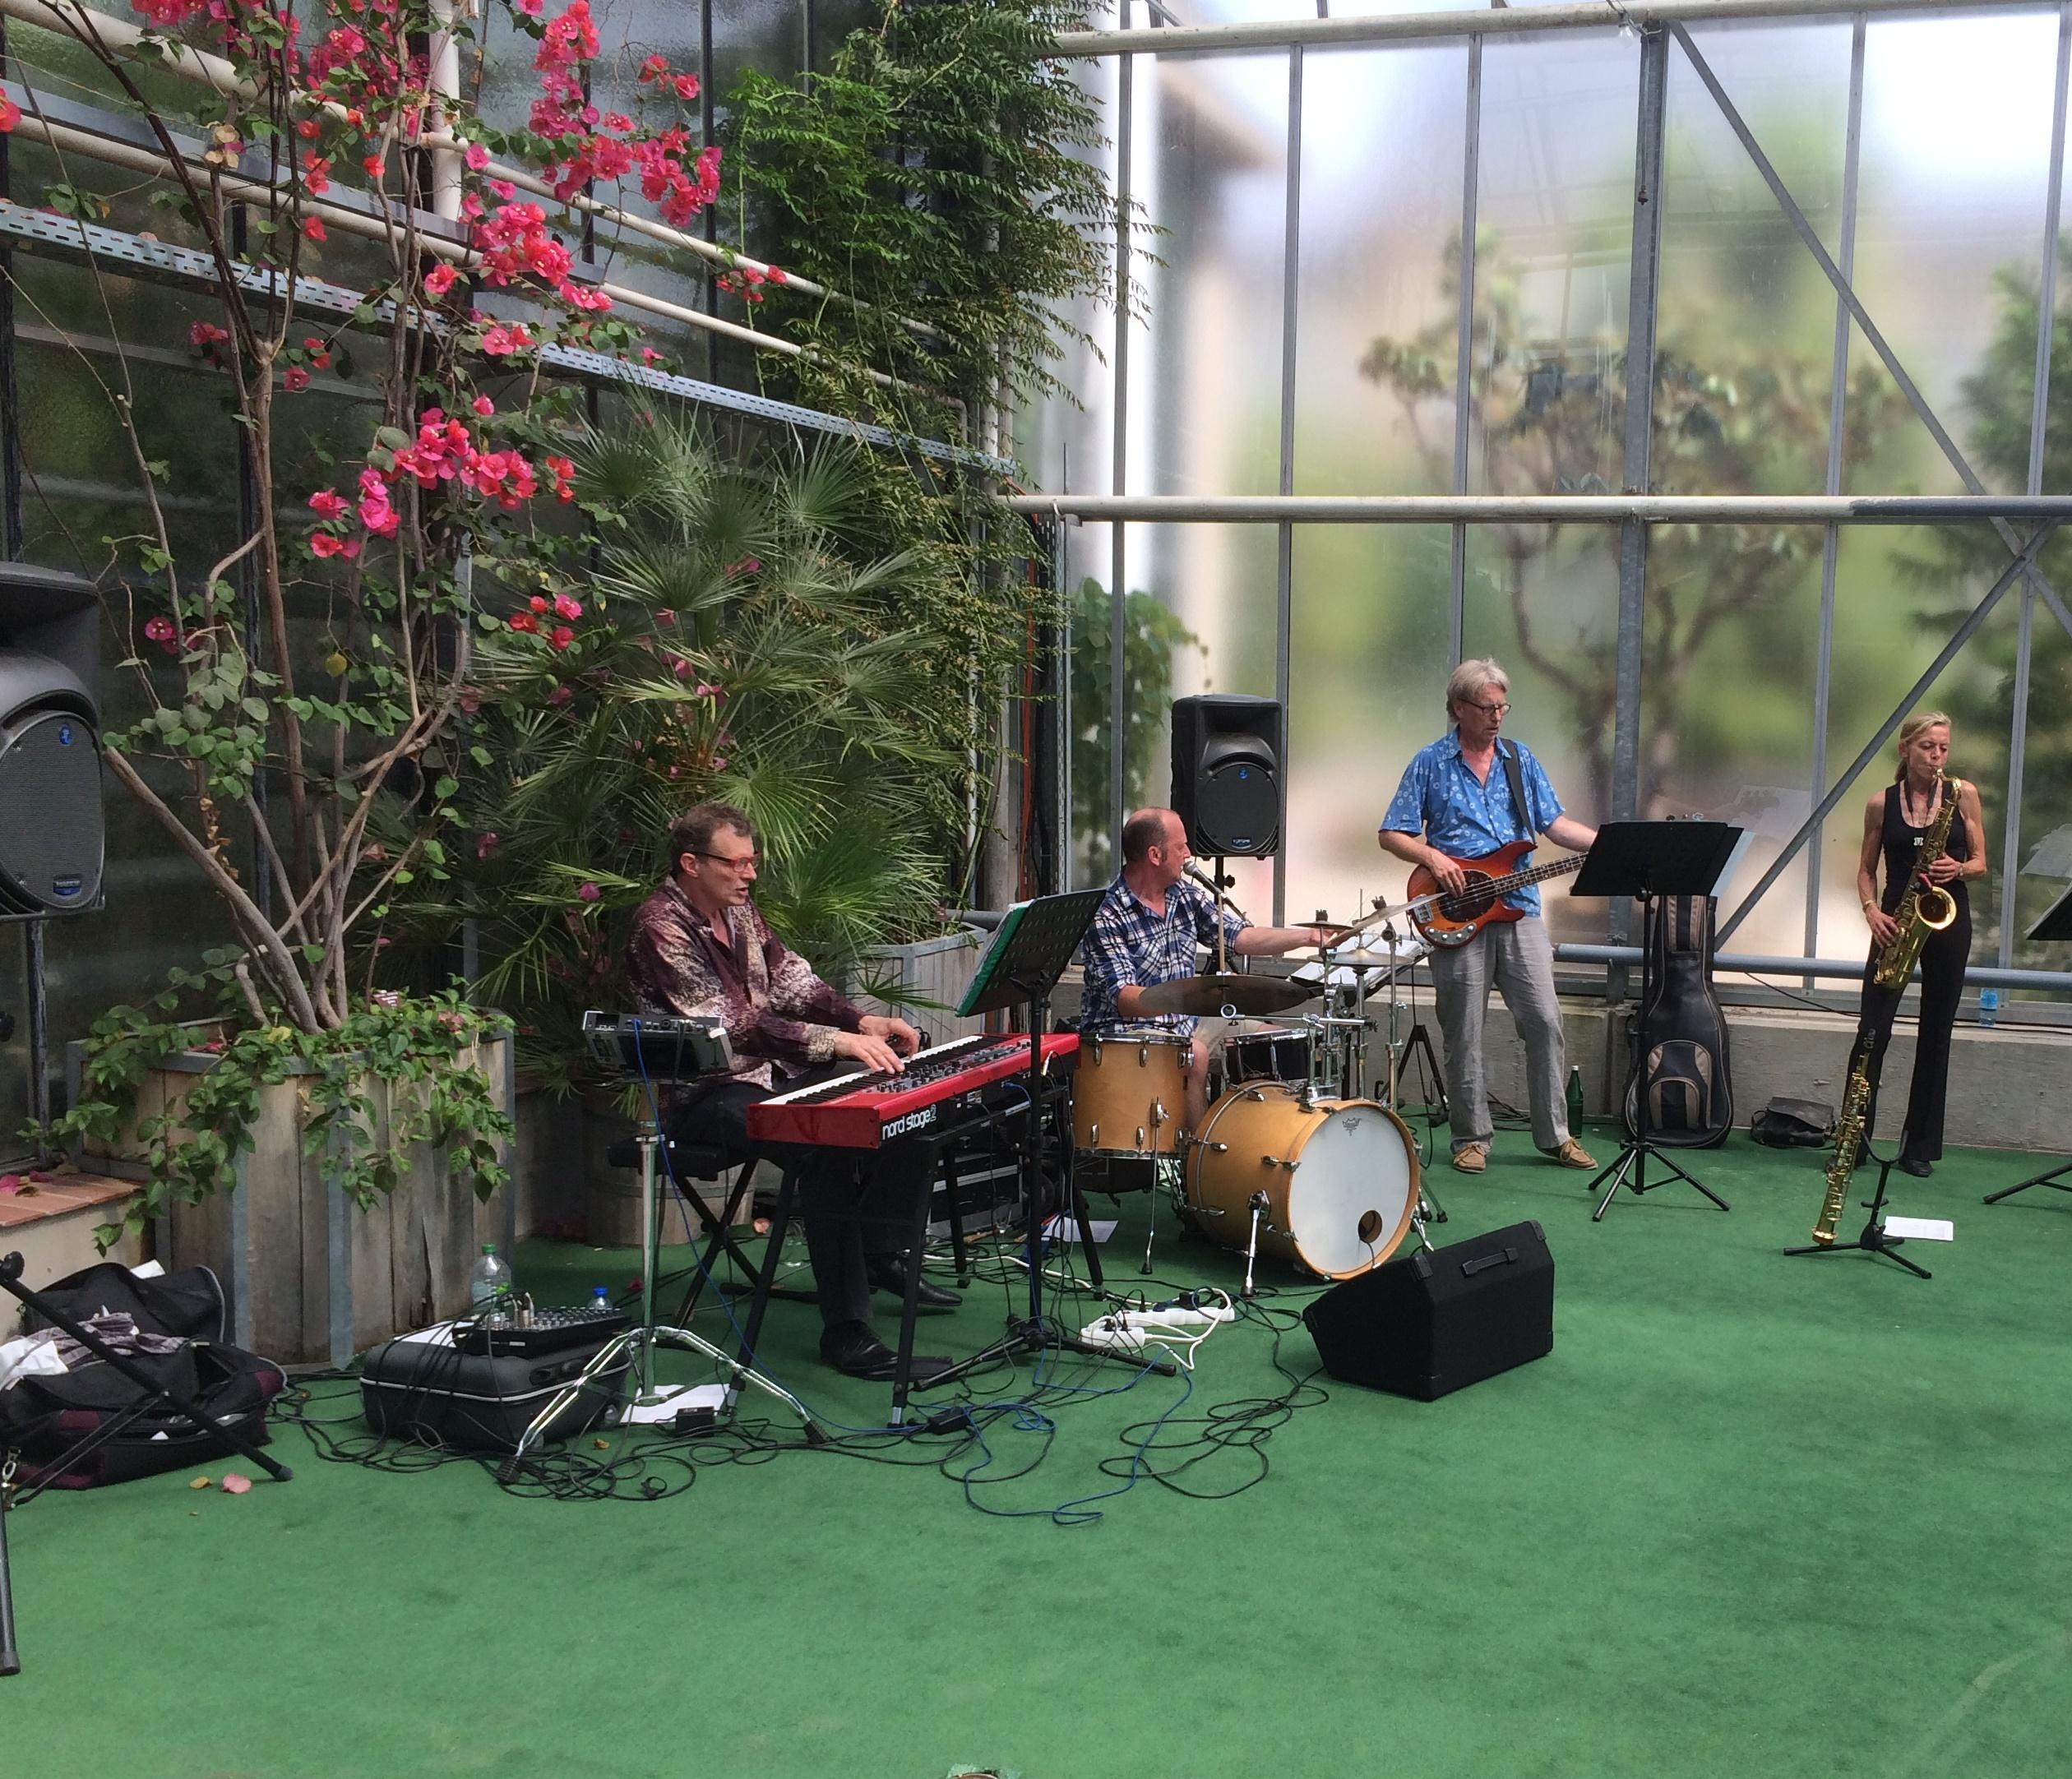 Jazz-Matinee im Botanischen Garten Bonn – Harmonie und Drive